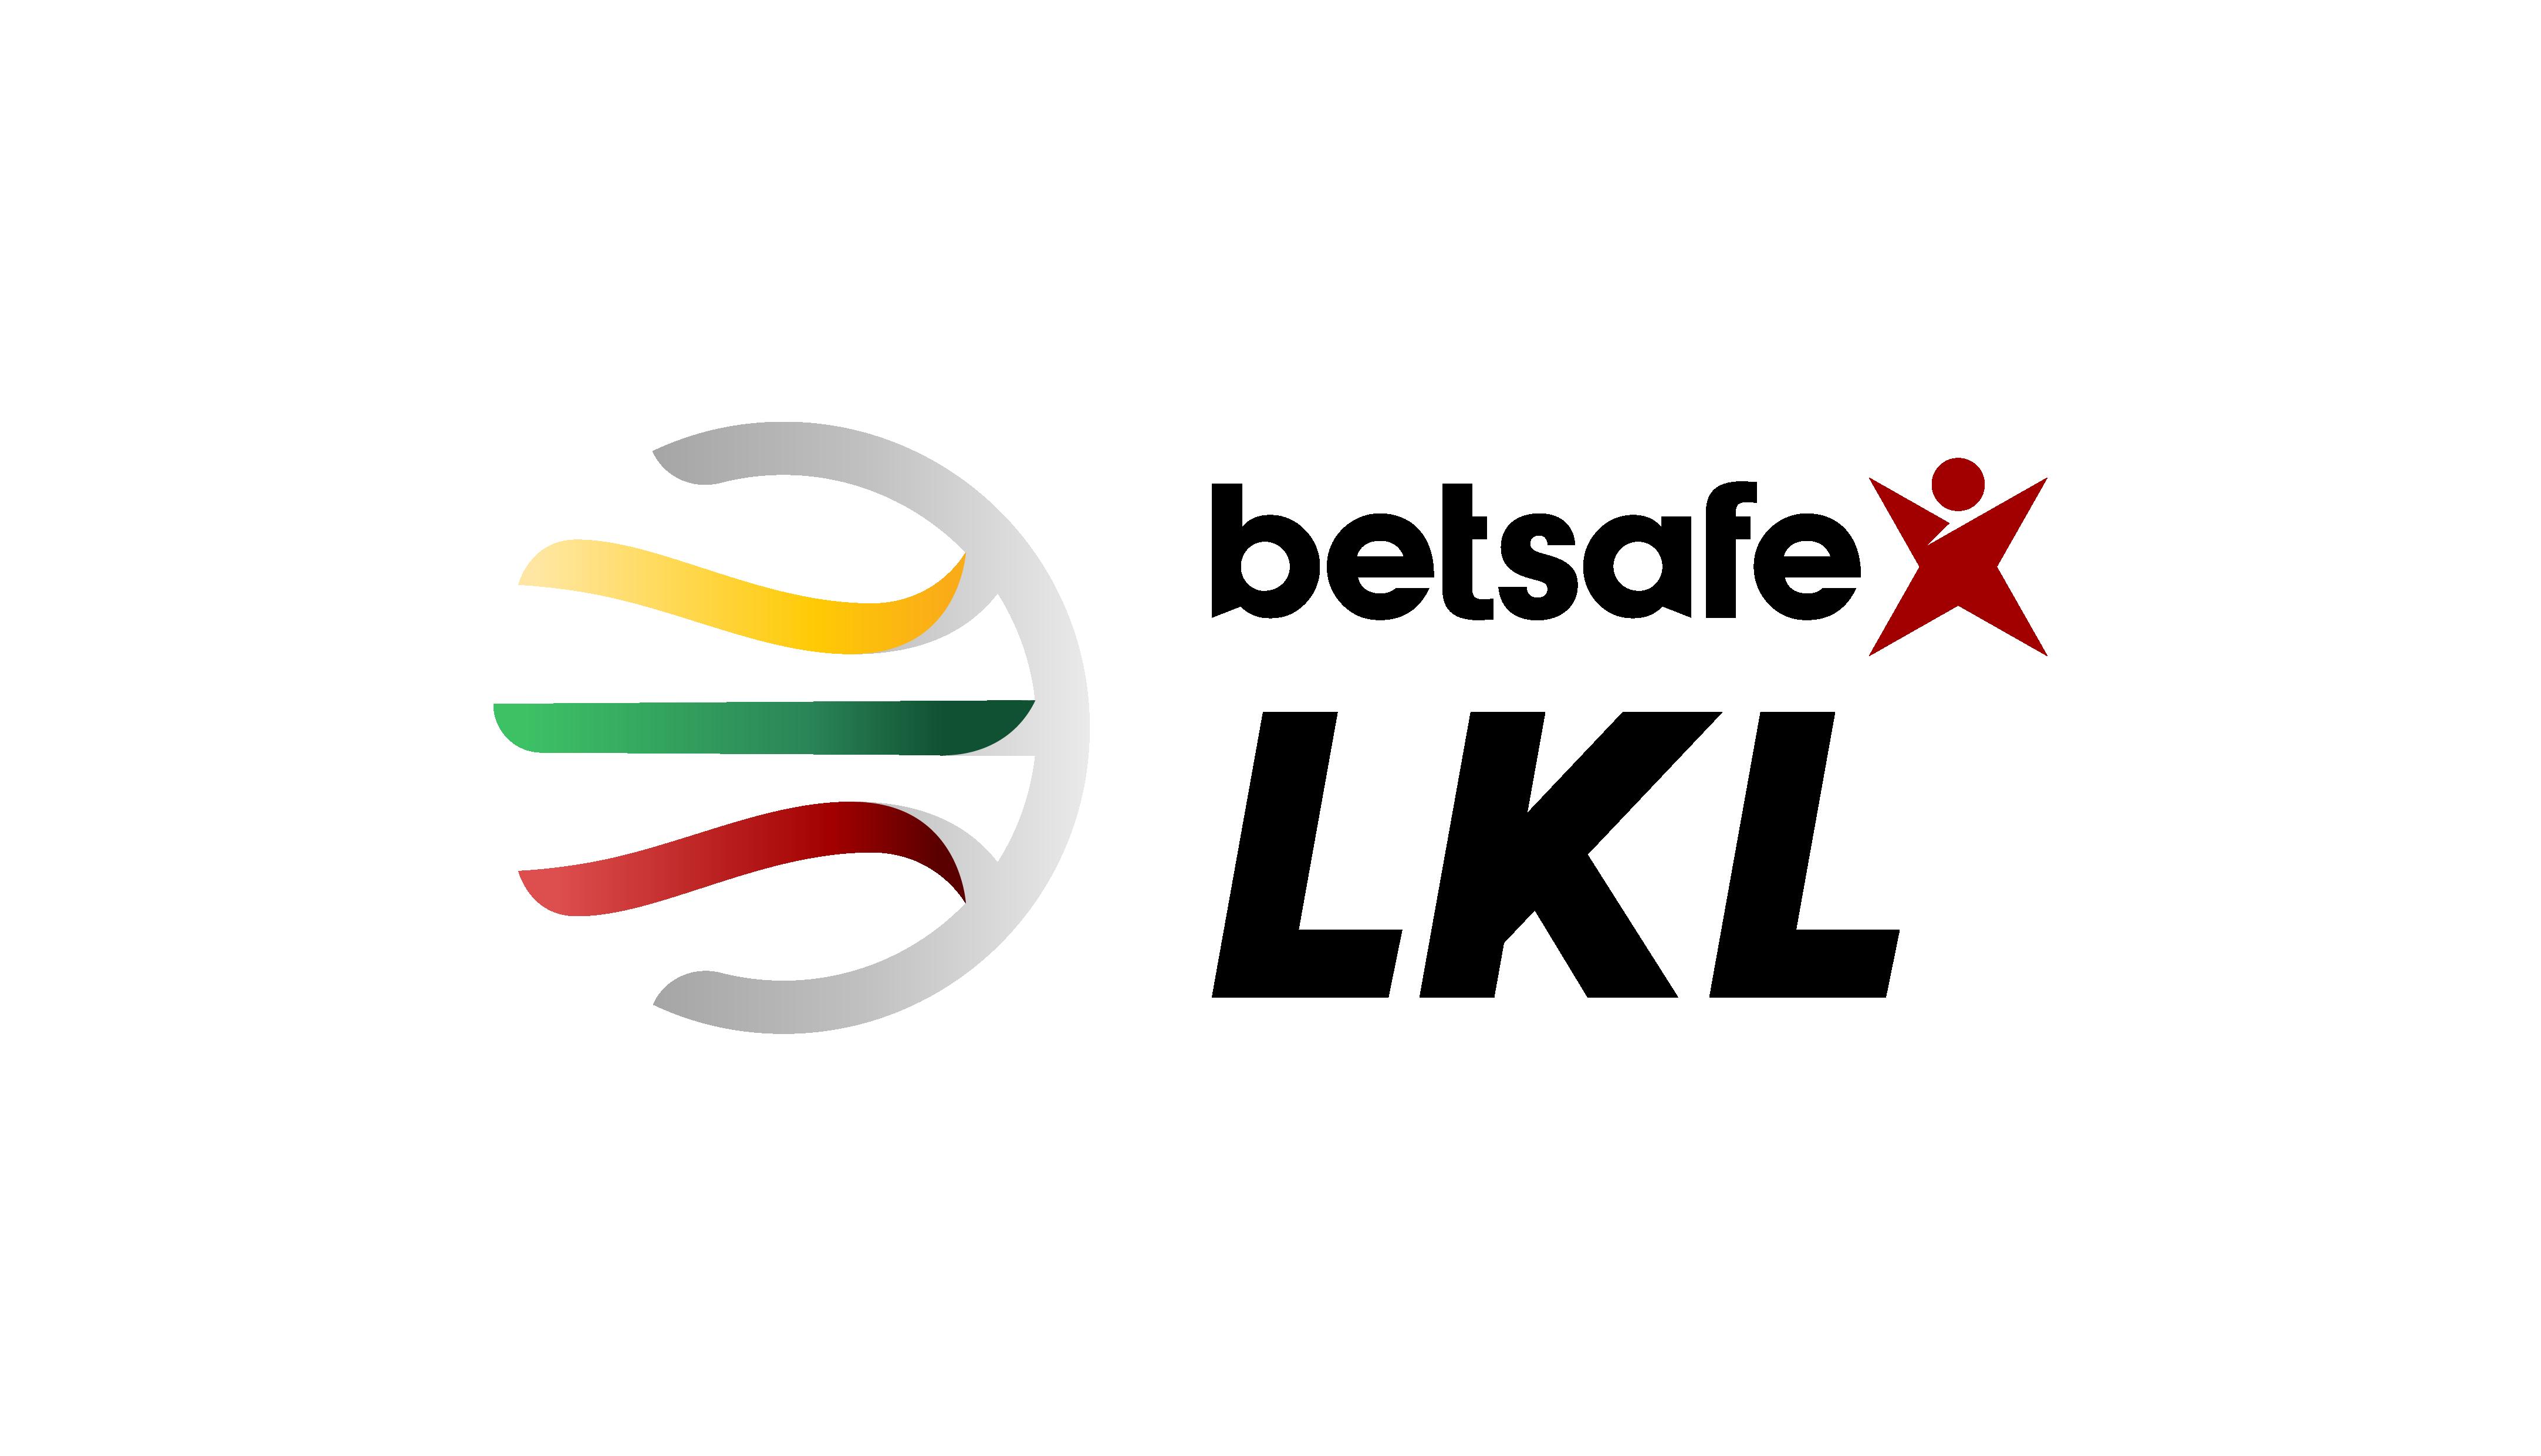 LKL- Lietuvos krepšinio lyga